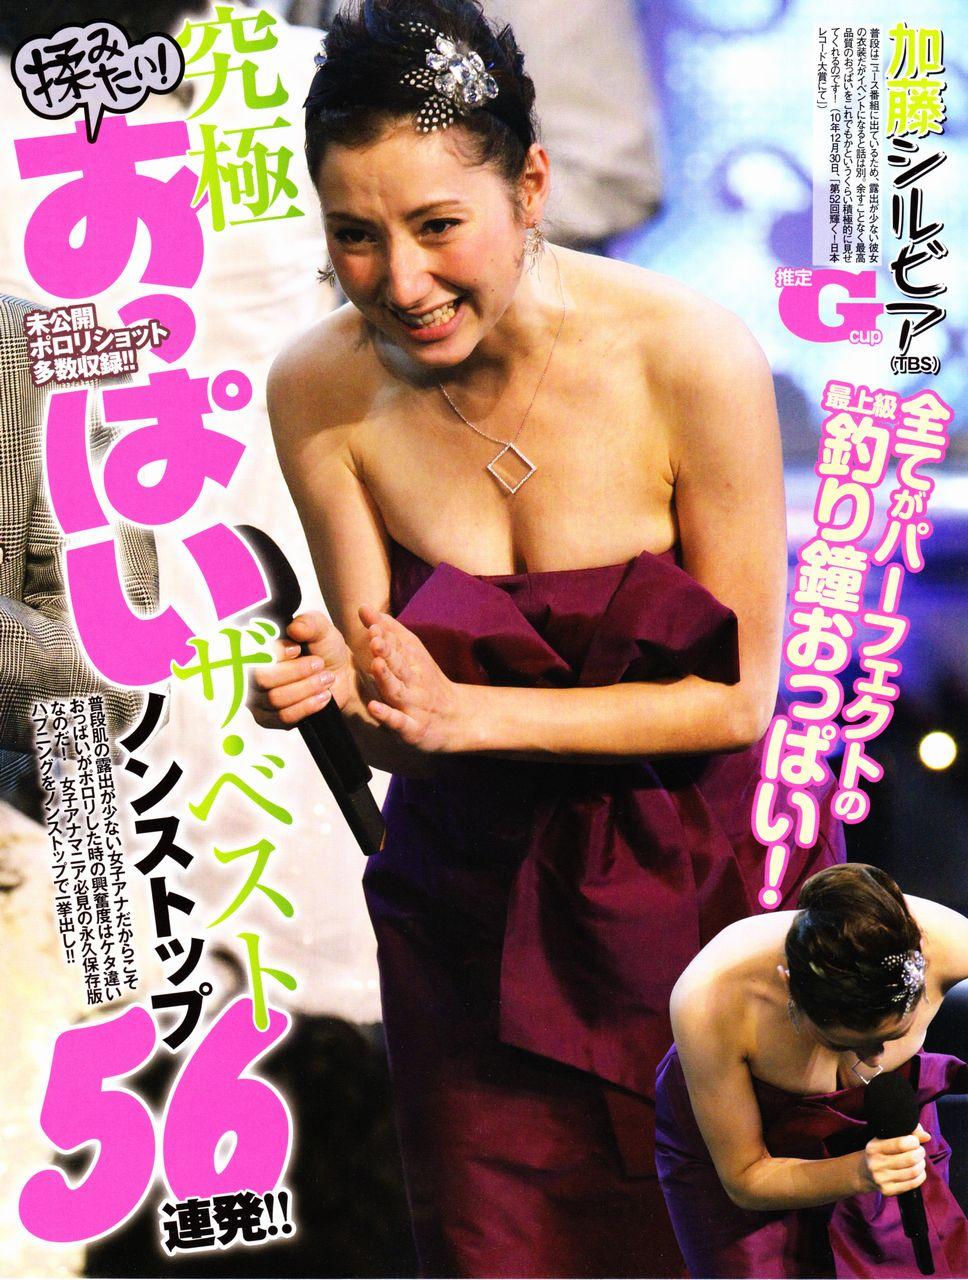 女子アナ加藤シルビアの下着丸見えパンチラエロ画像が抜ける